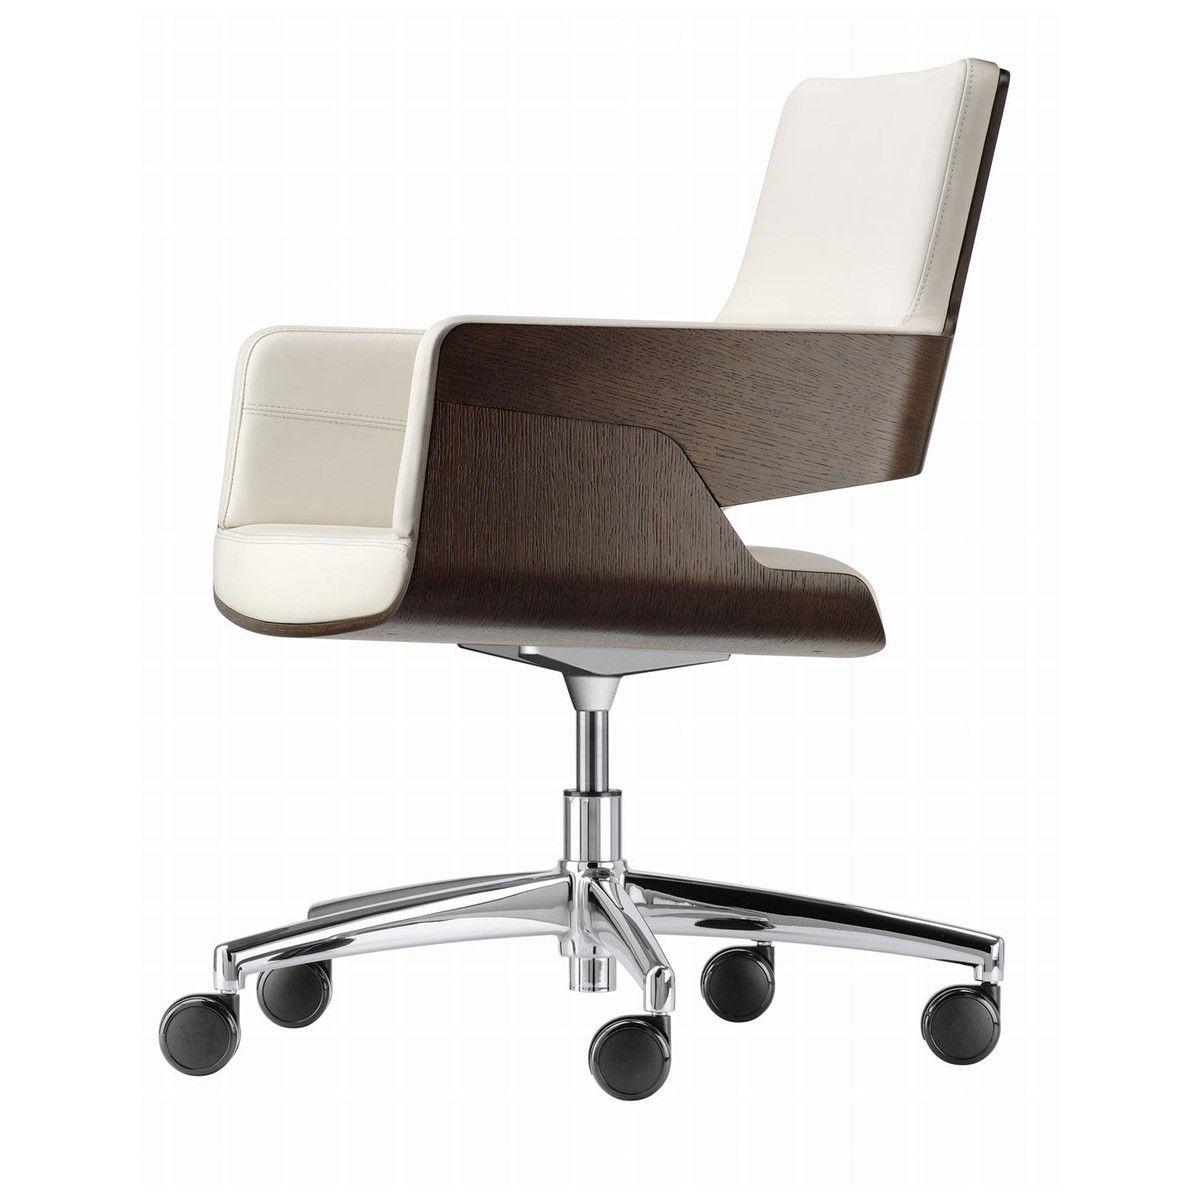 Thonet s 845 drw chaise de bureau rouleaux thonet for Bureau rouleau